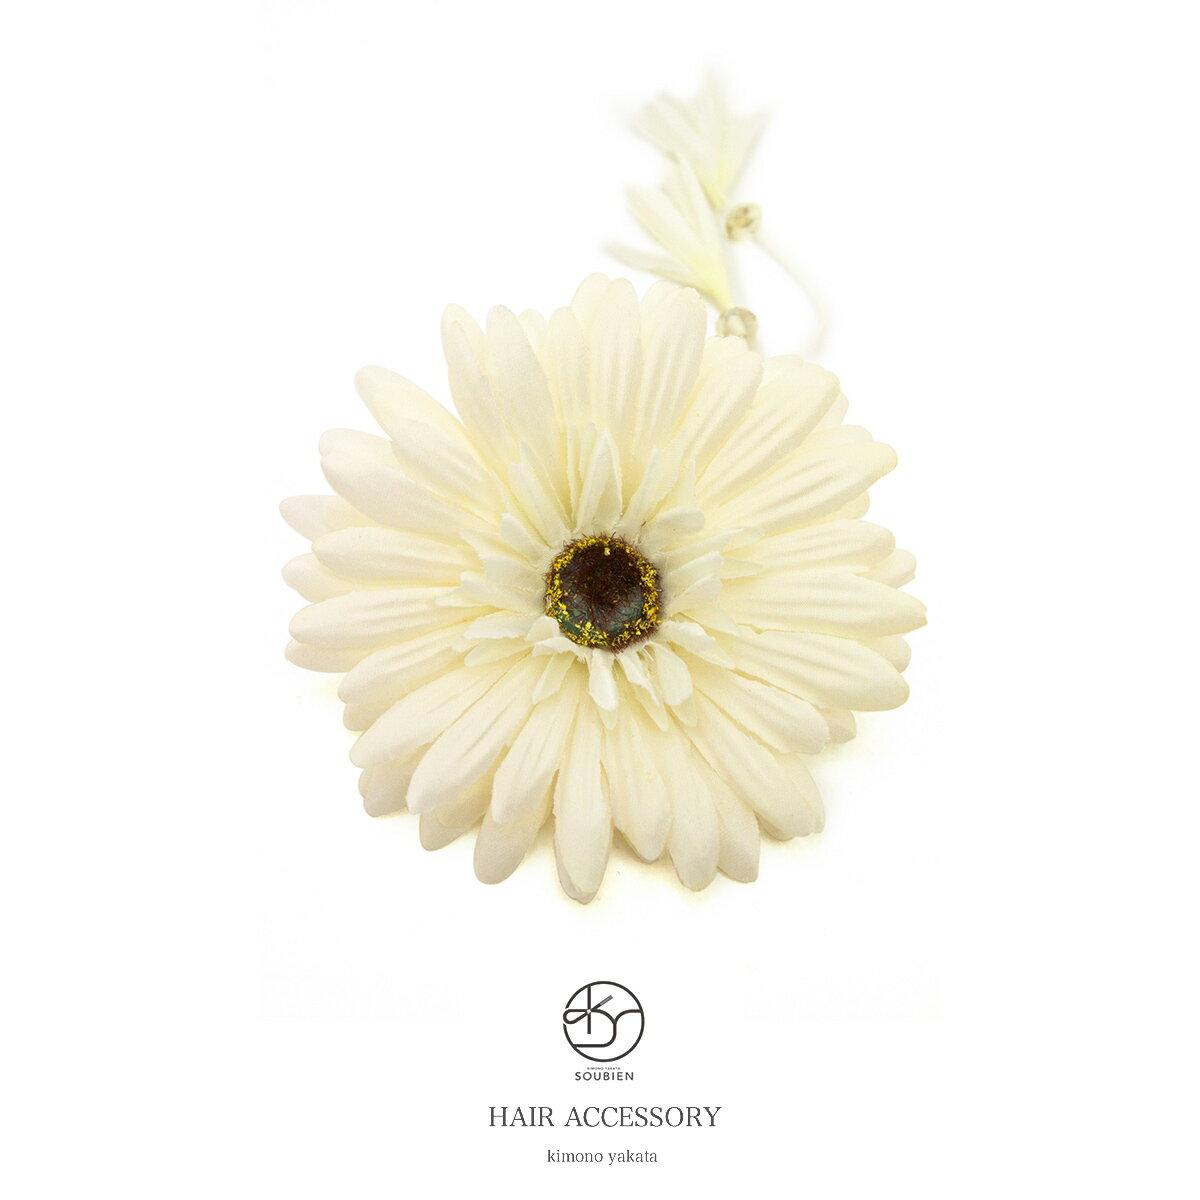 髪飾り 白 ガーベラ 花 フラワー ブラ コサージュ 浴衣【あす楽対応】